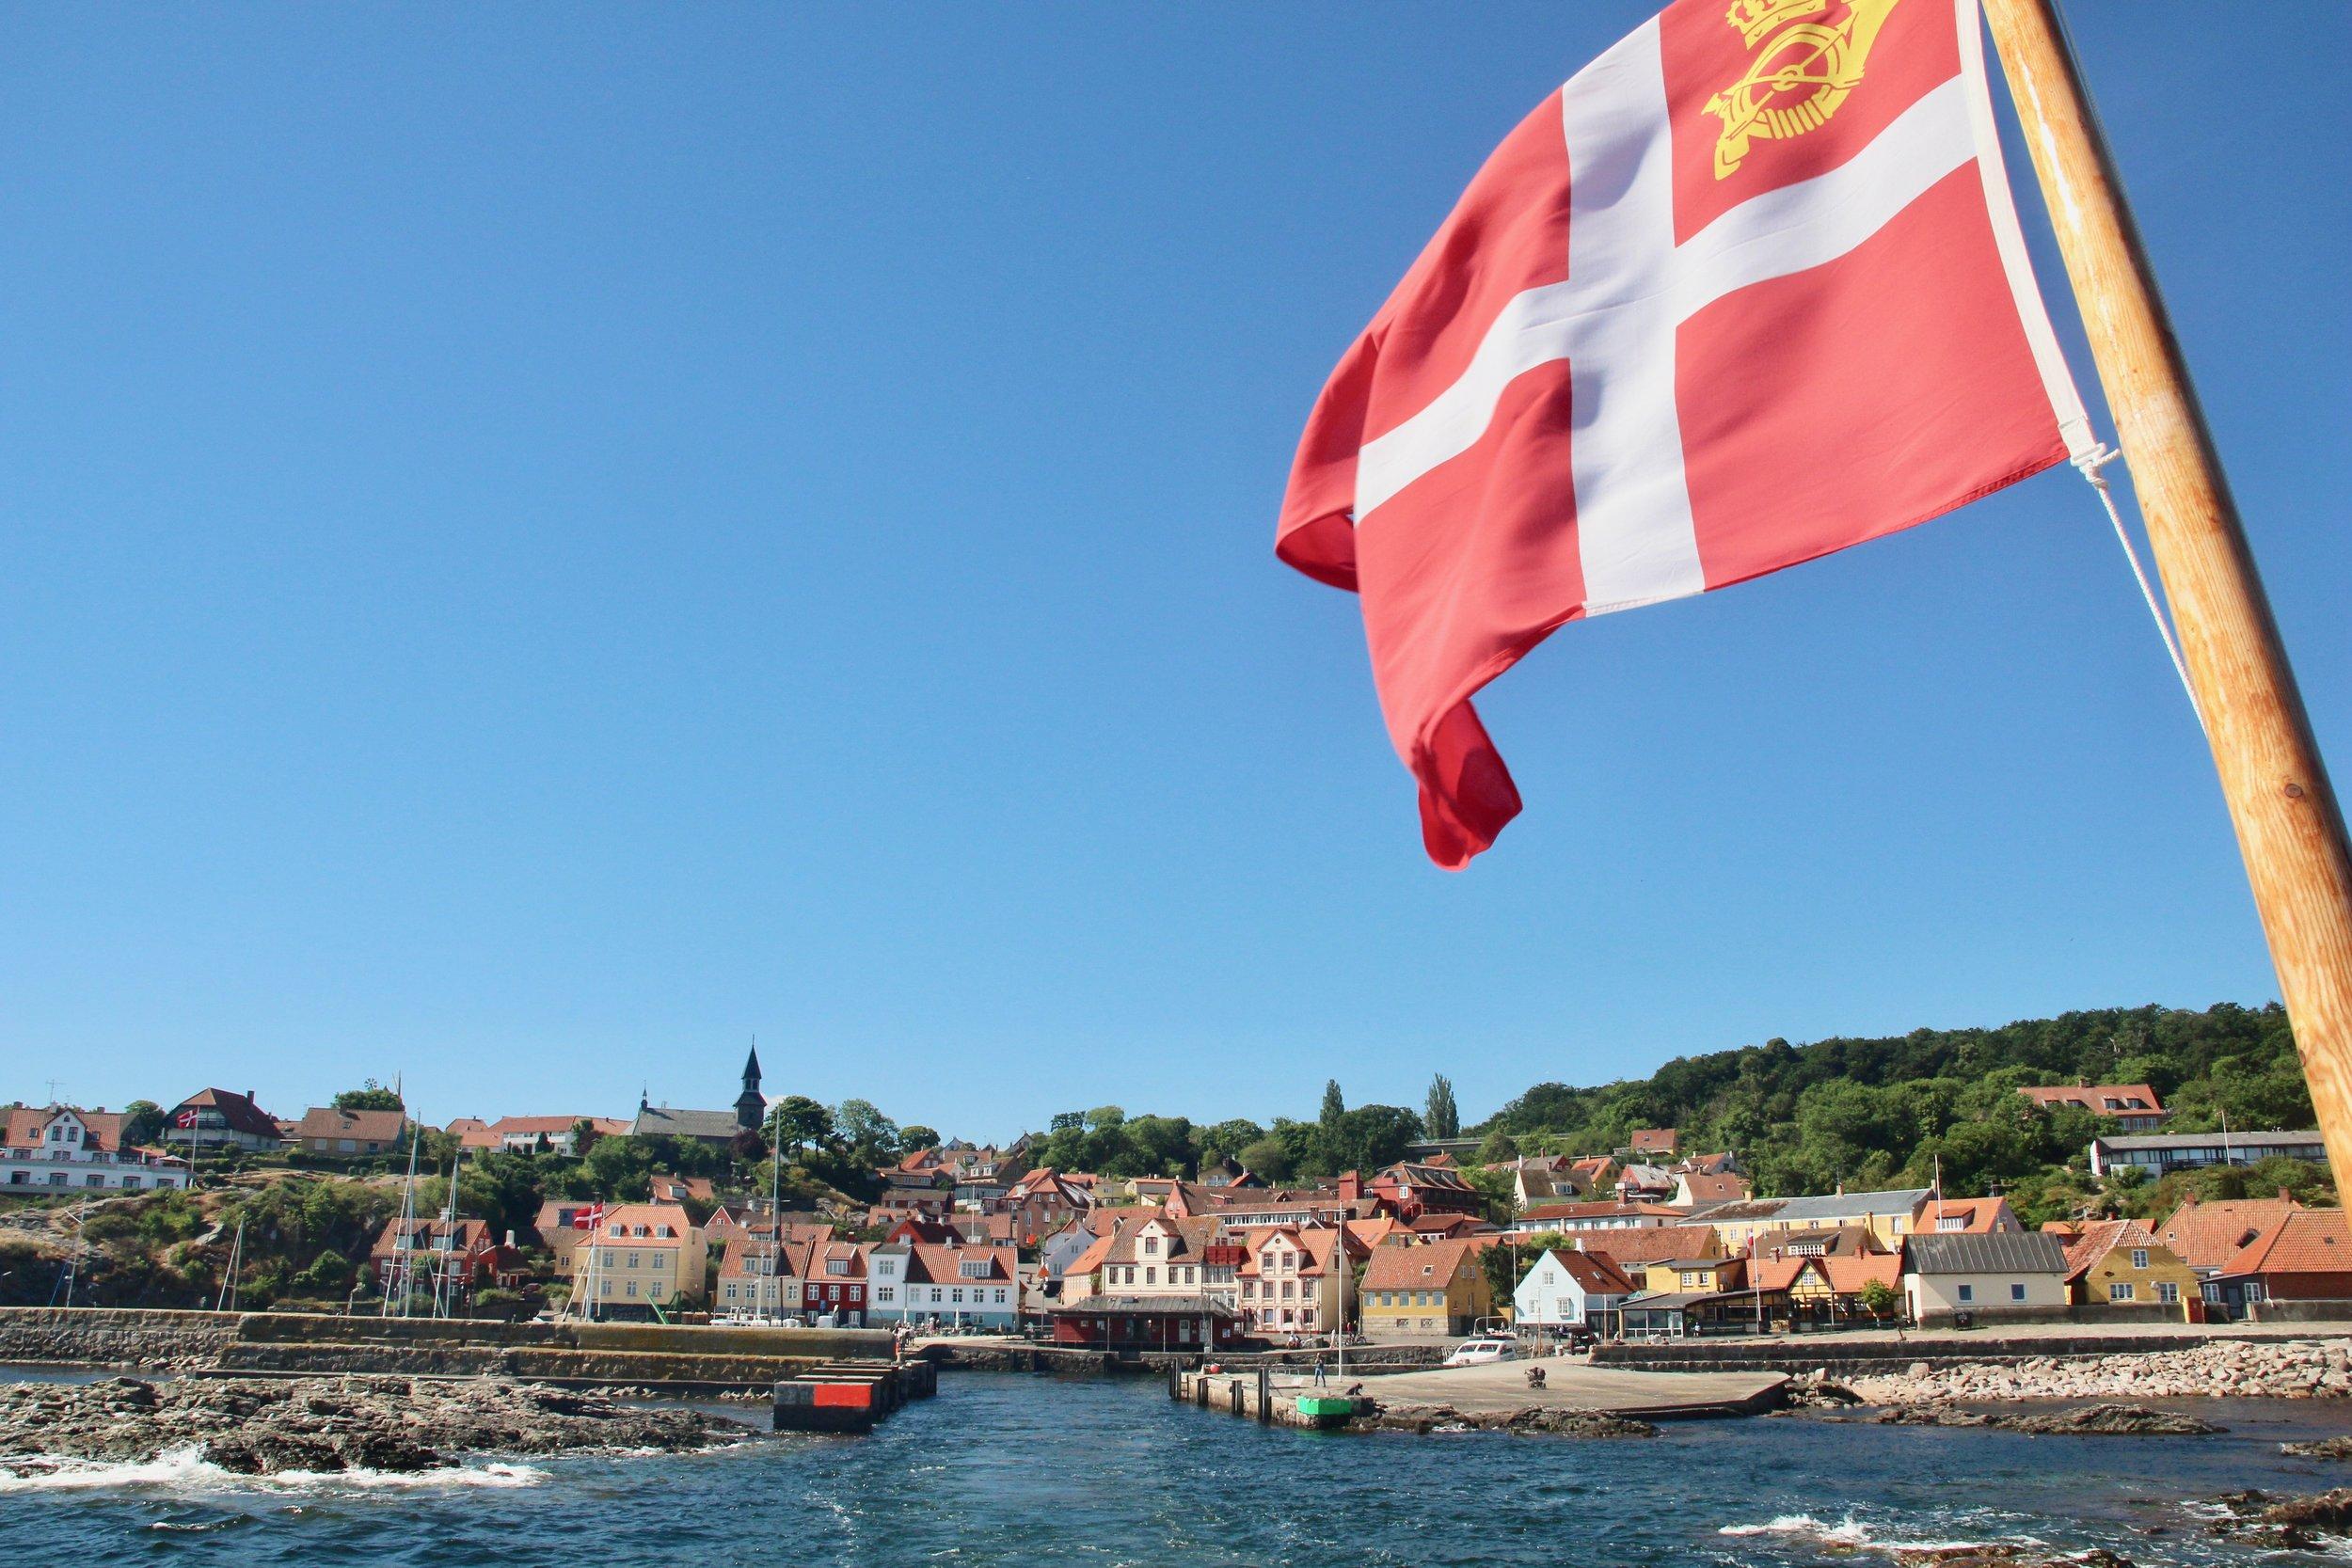 Flagget til topps. Bornholm og Gudhjem venter på deg. Alle bilder: Odd Roar Lange